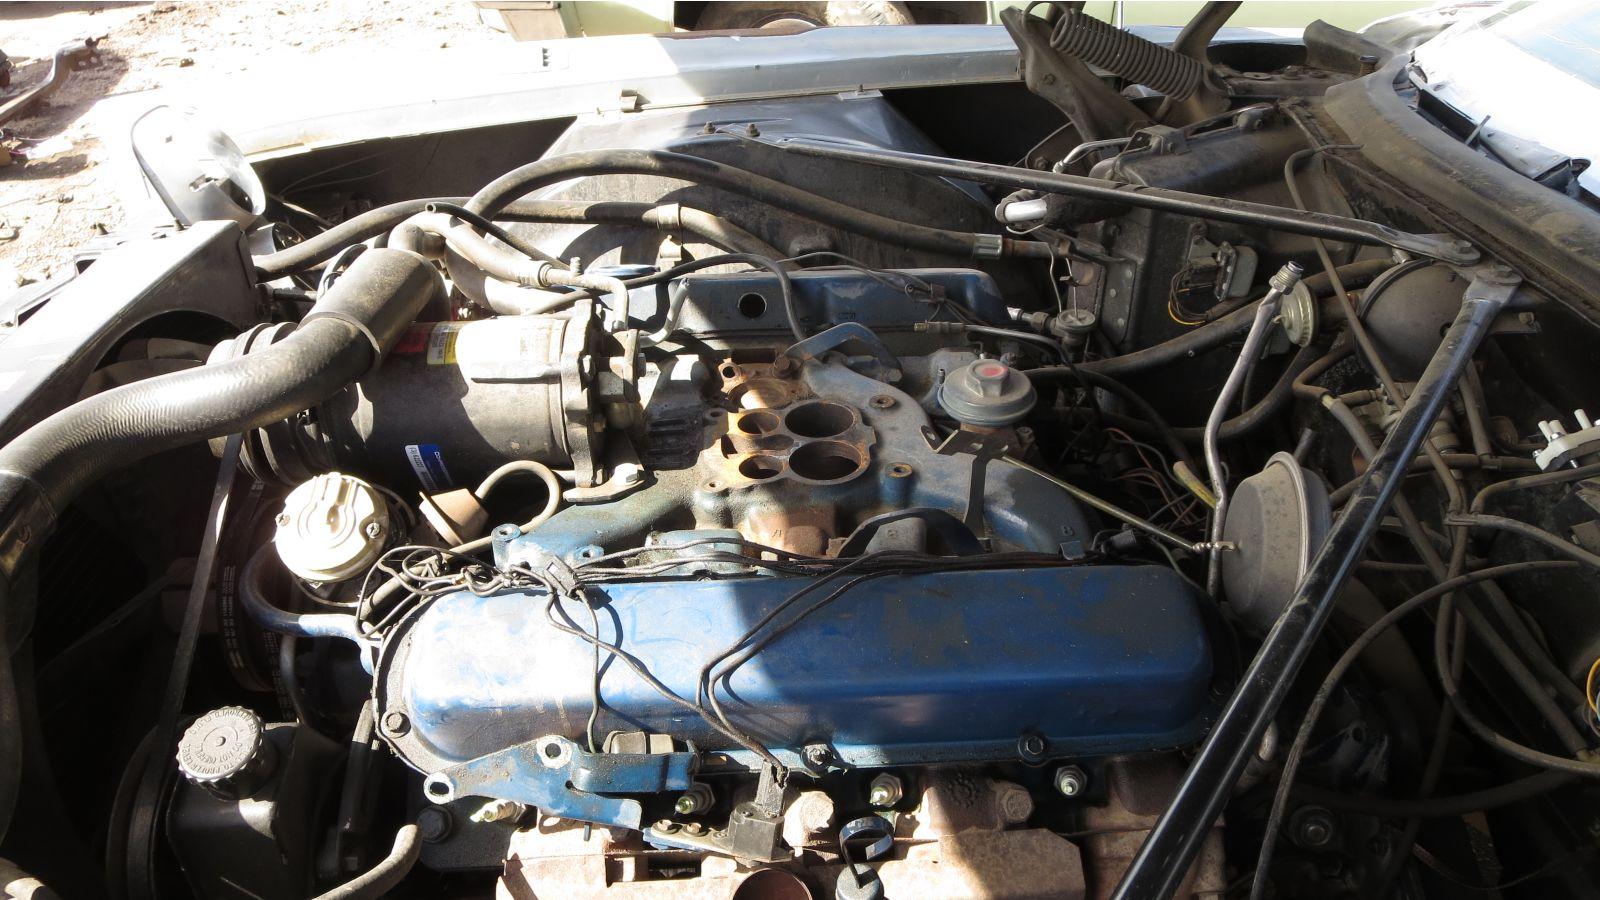 かつて富裕層に愛された超高級クーペ 1973年型キャデラック エルドラド